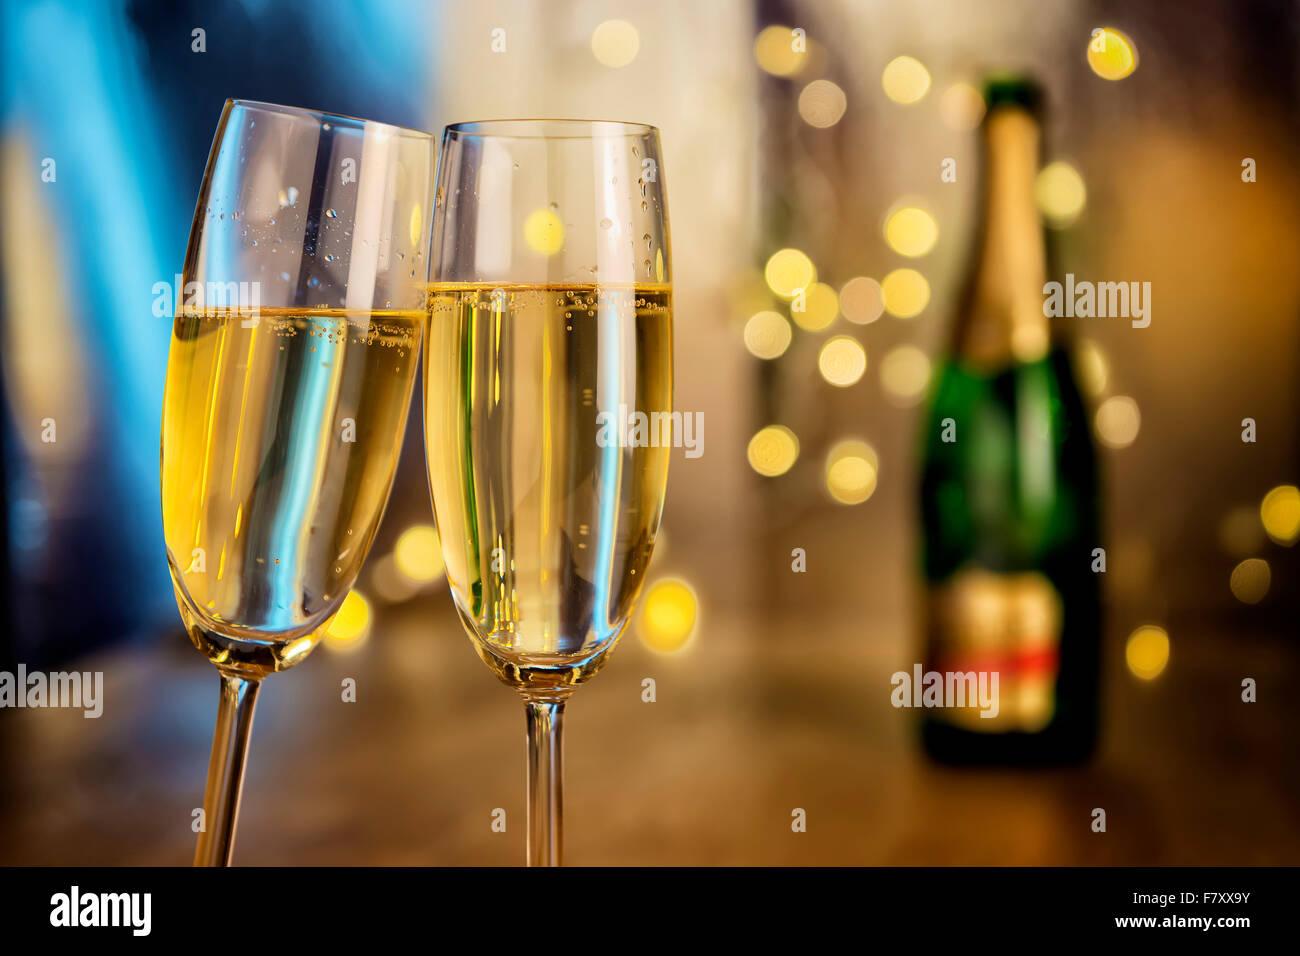 Image de deux verres de champagne avec bouteille et feux de flou en arrière-plan Photo Stock